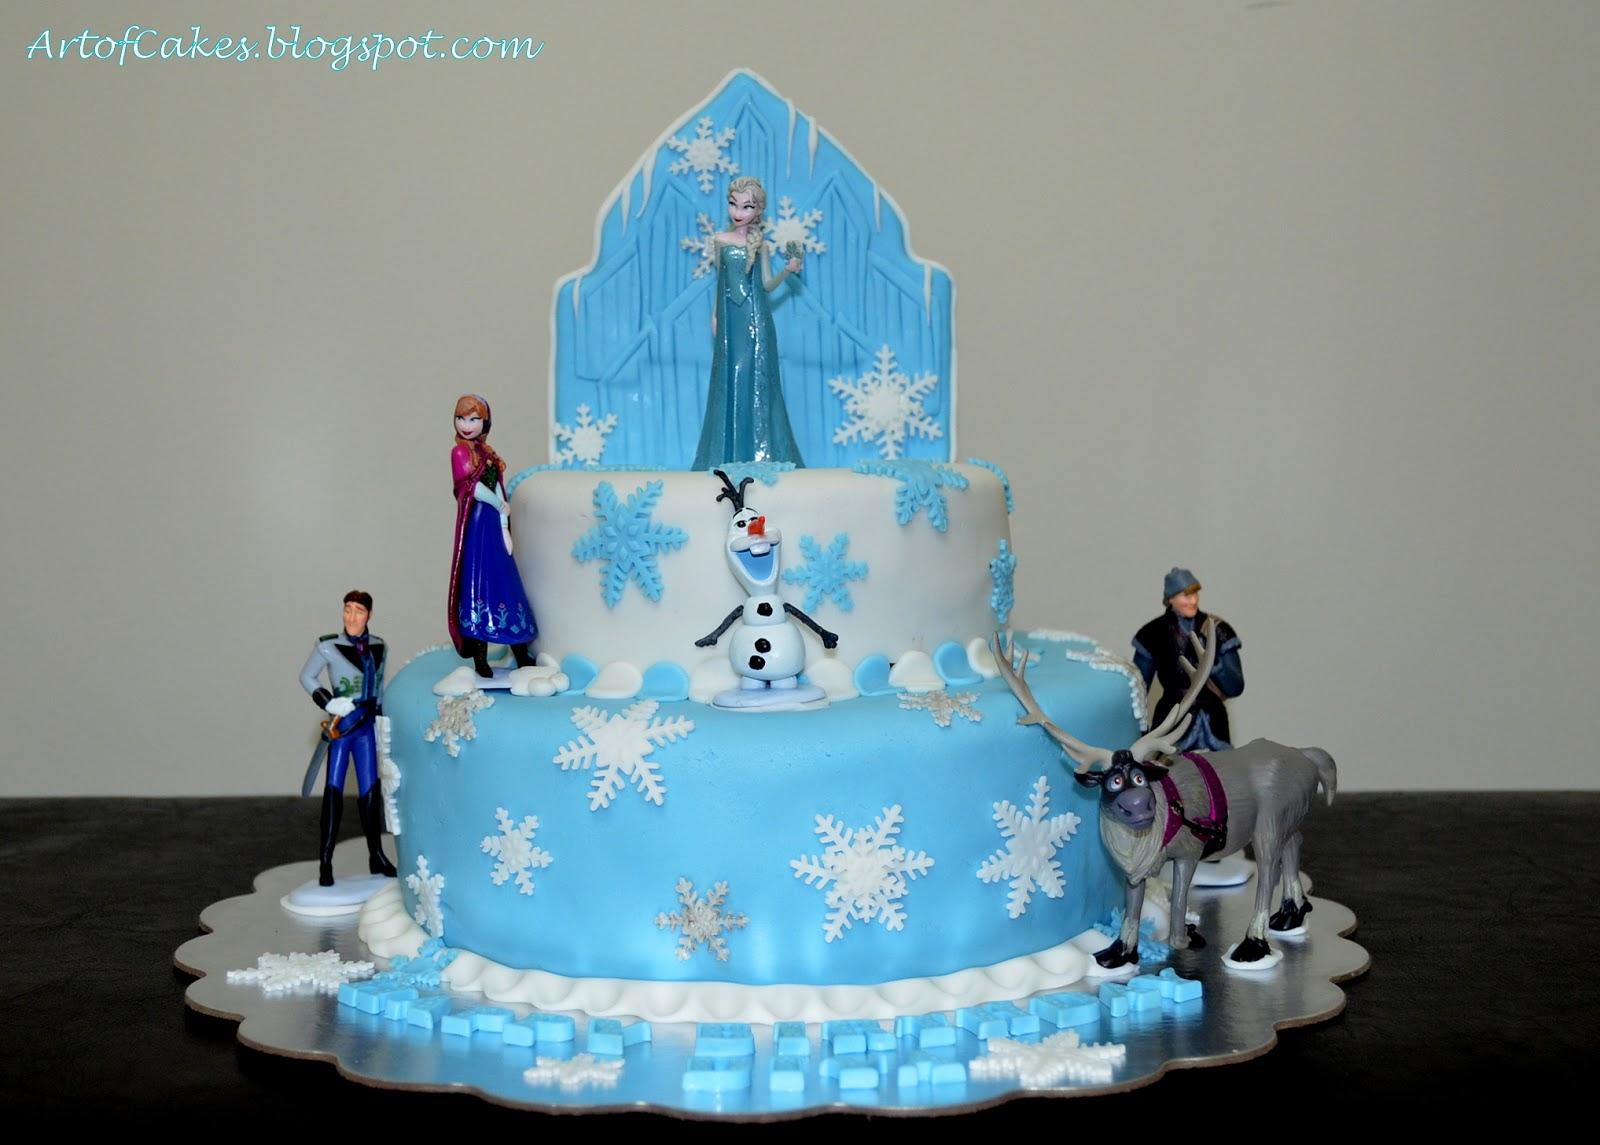 Art Of Cakes Frozen theme Birthday Cake